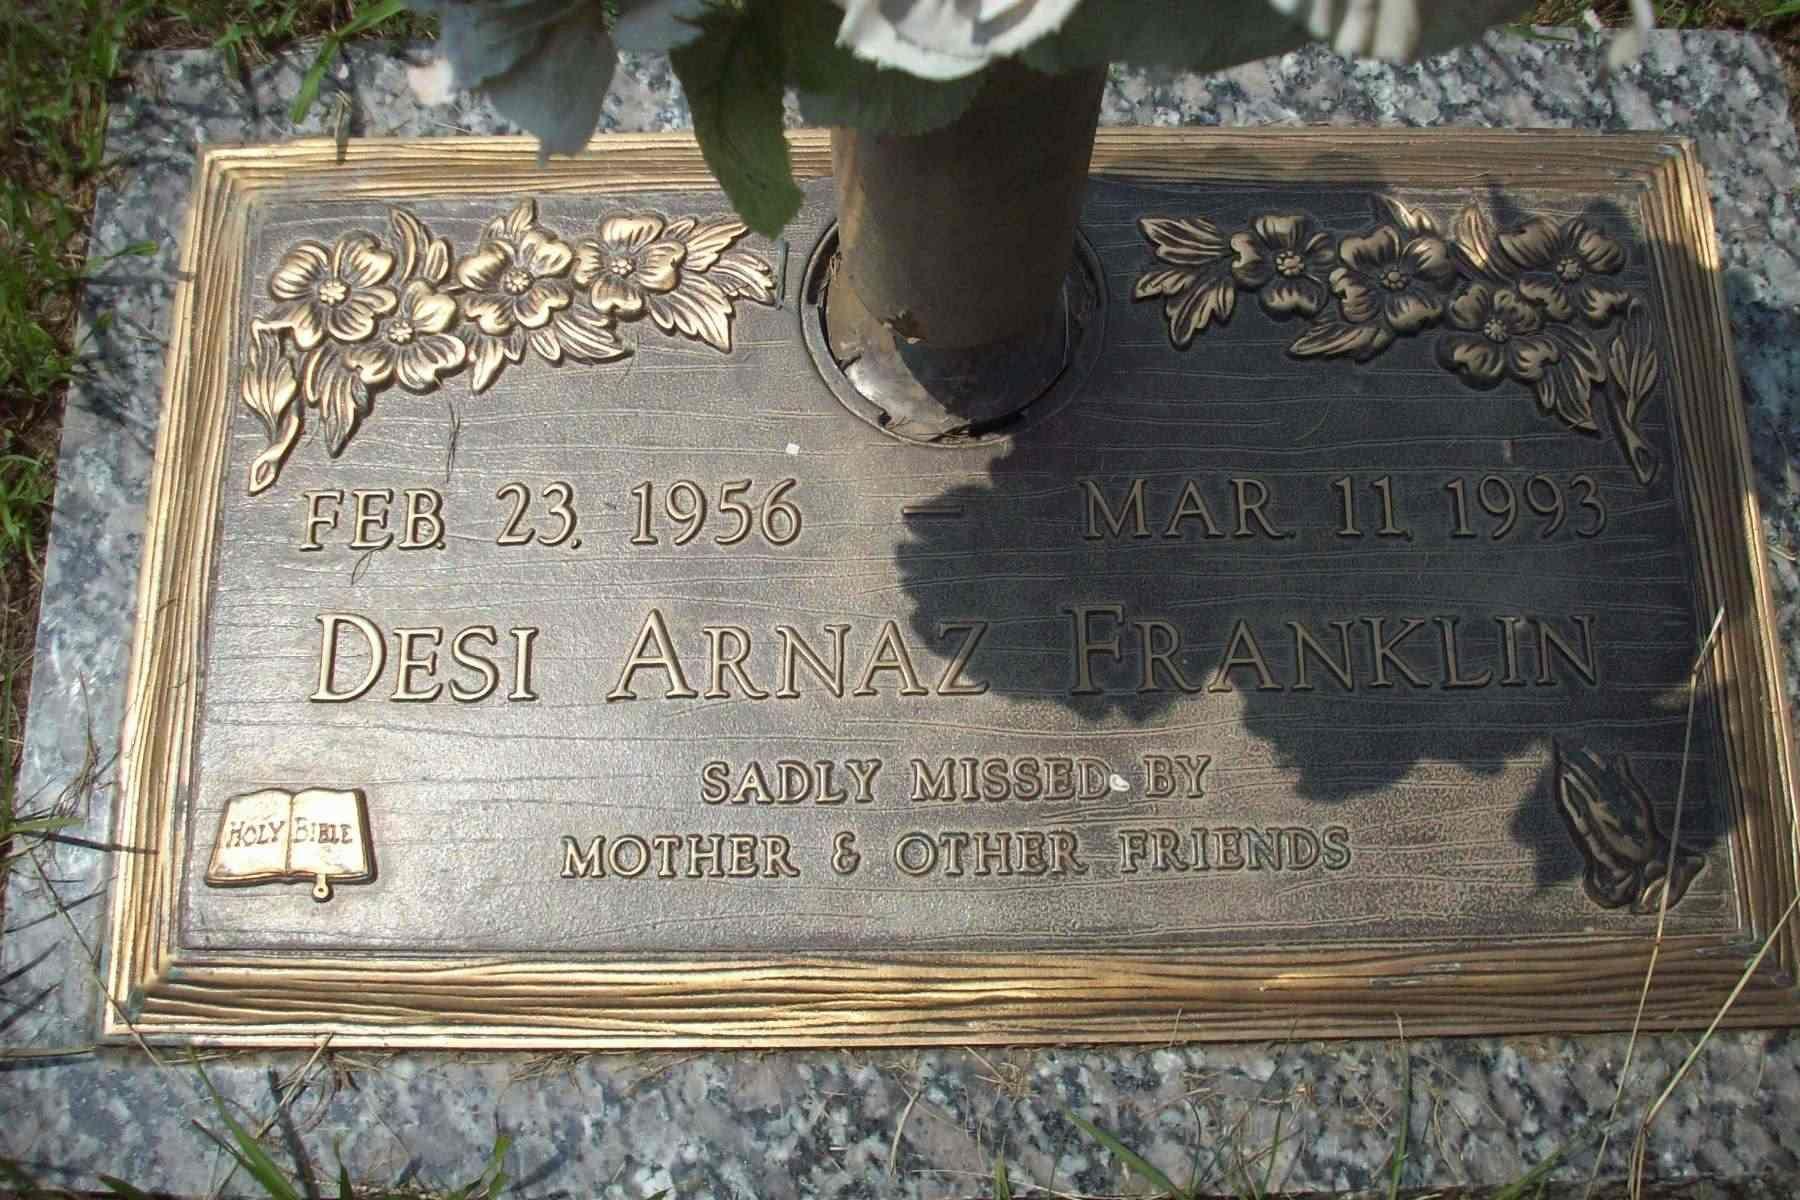 Desi Arnaz Funeral Desi Arnaz Franklin 1956 1993 Find A